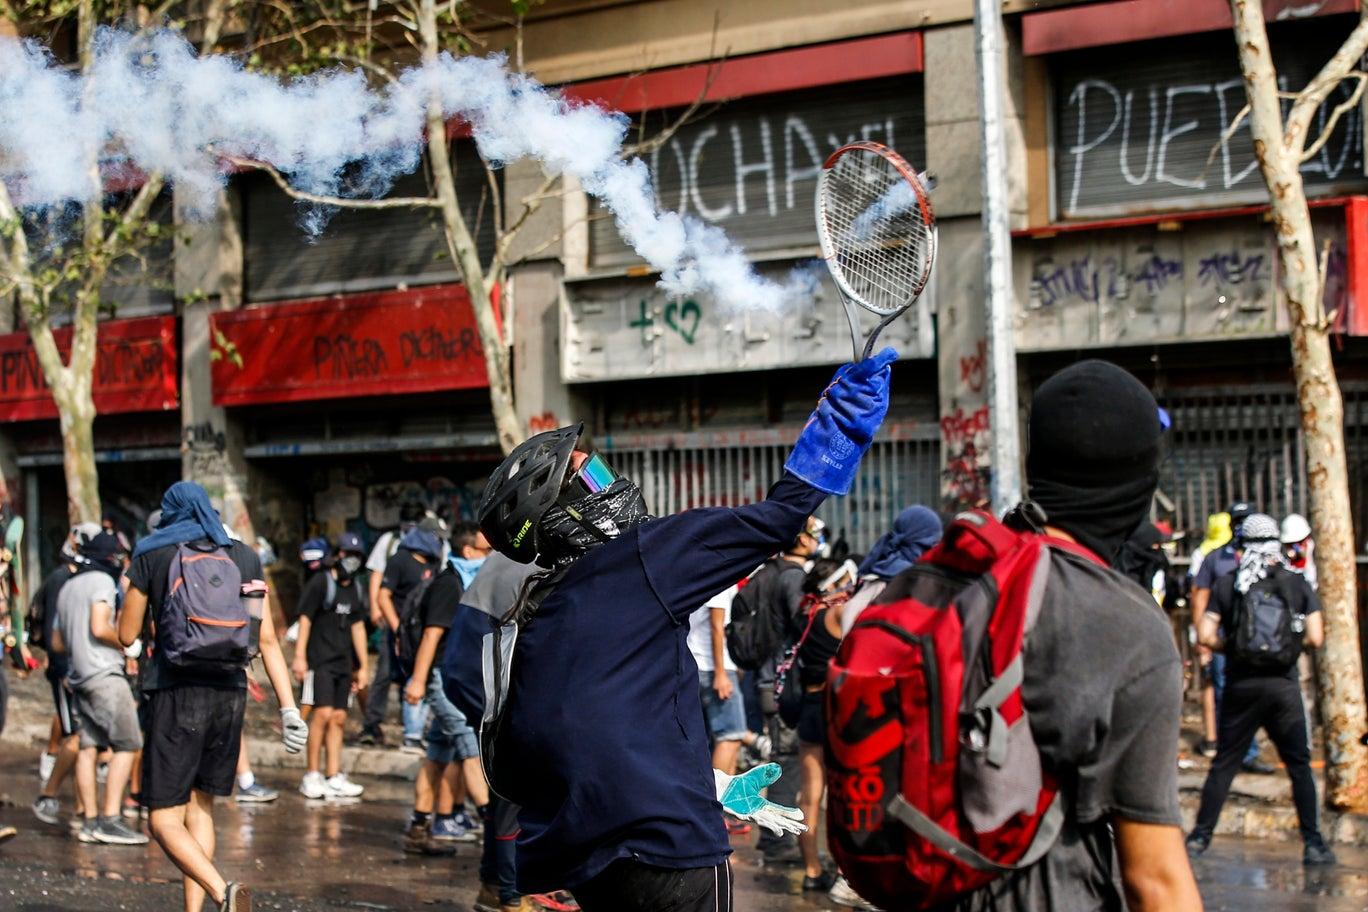 A riot in Santiago